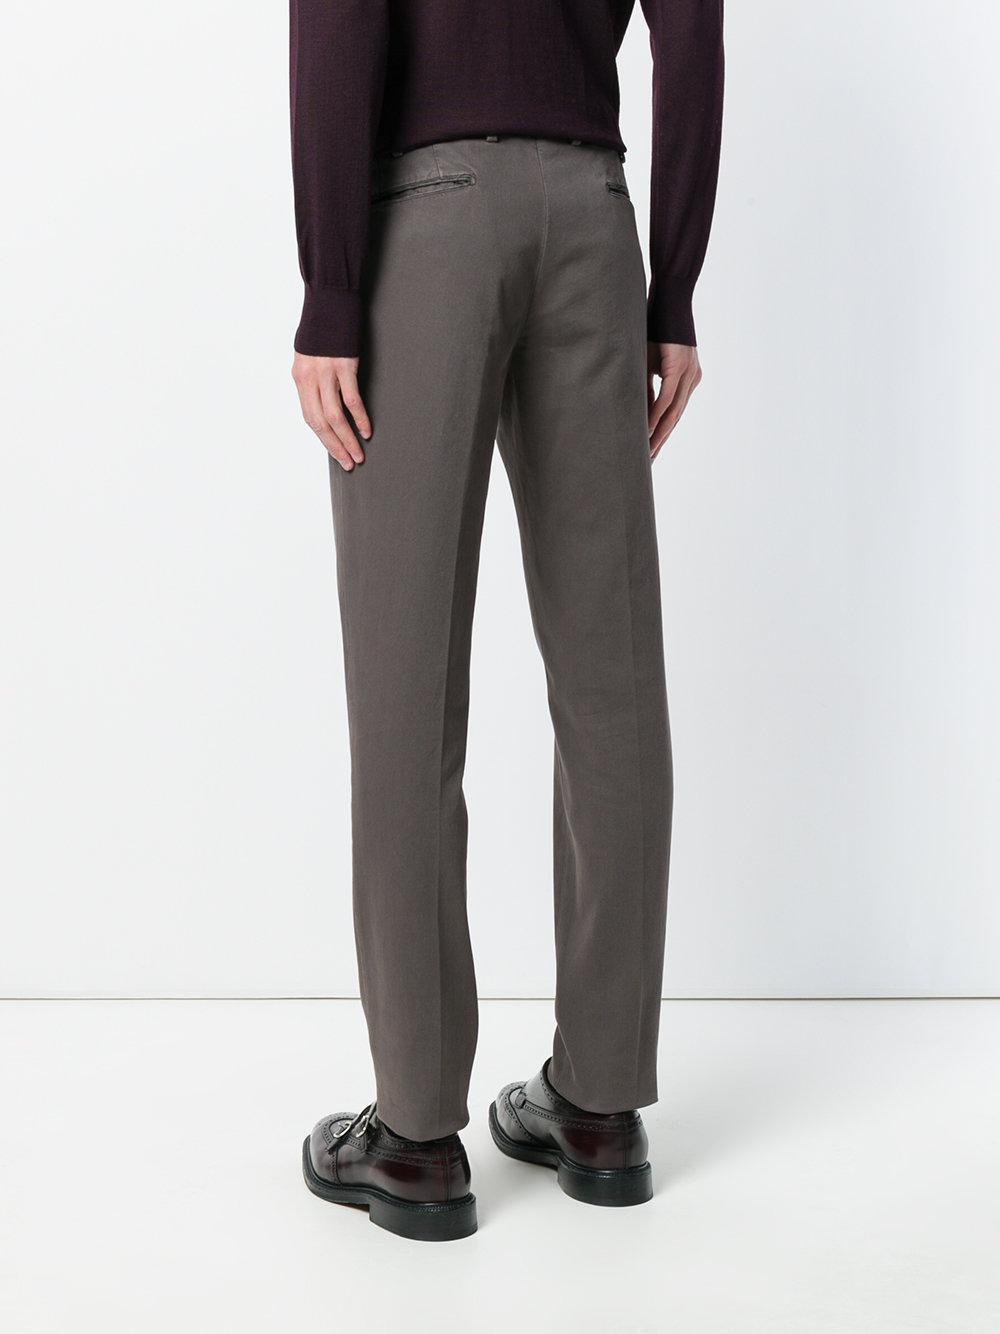 Dell'Oglio Cotton Chino Trousers in Brown for Men